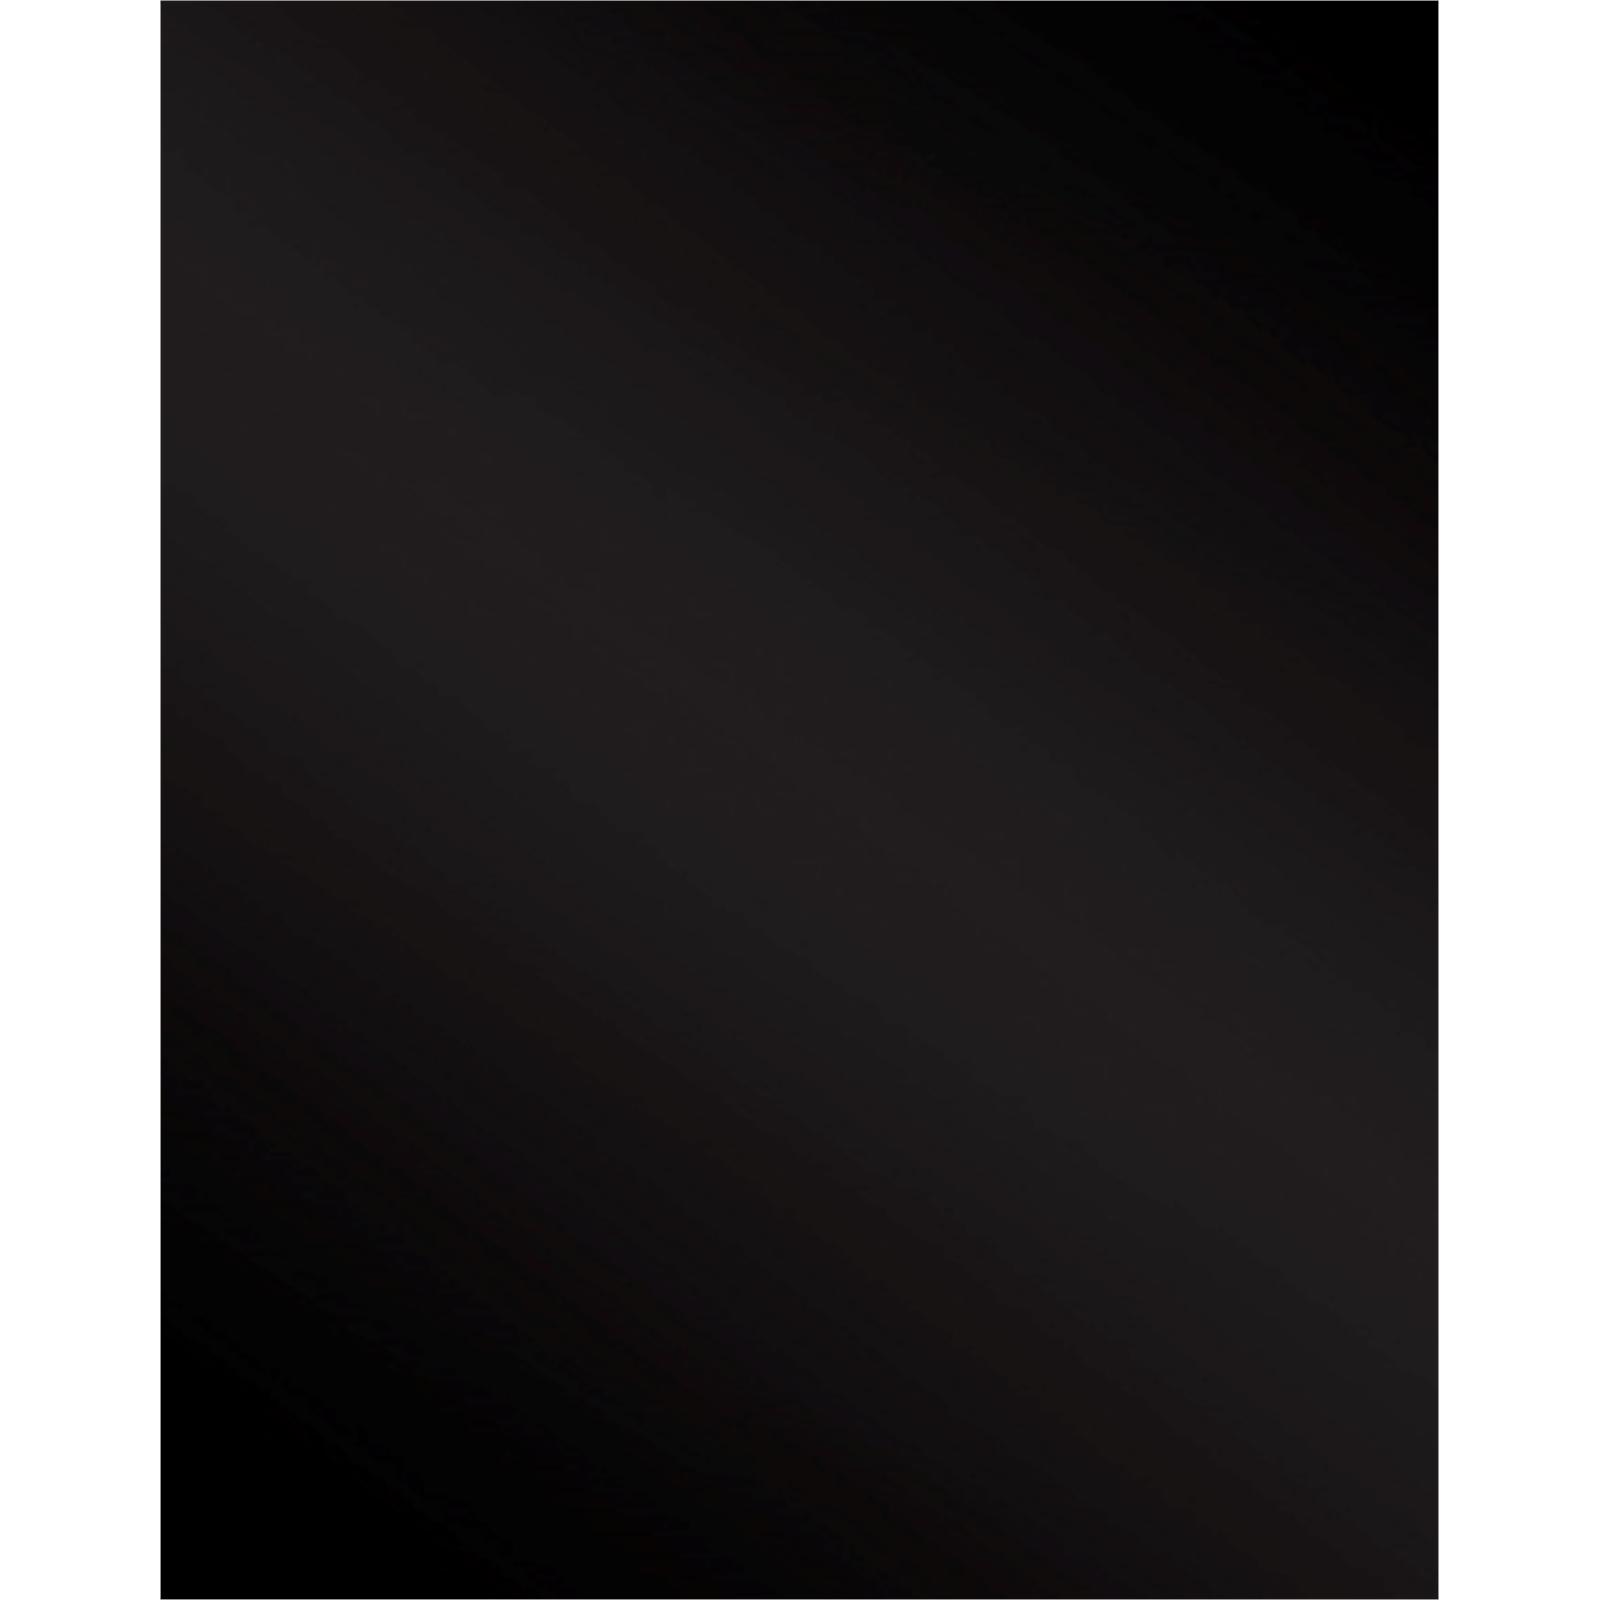 Stein 900mm Black Glass Splashback